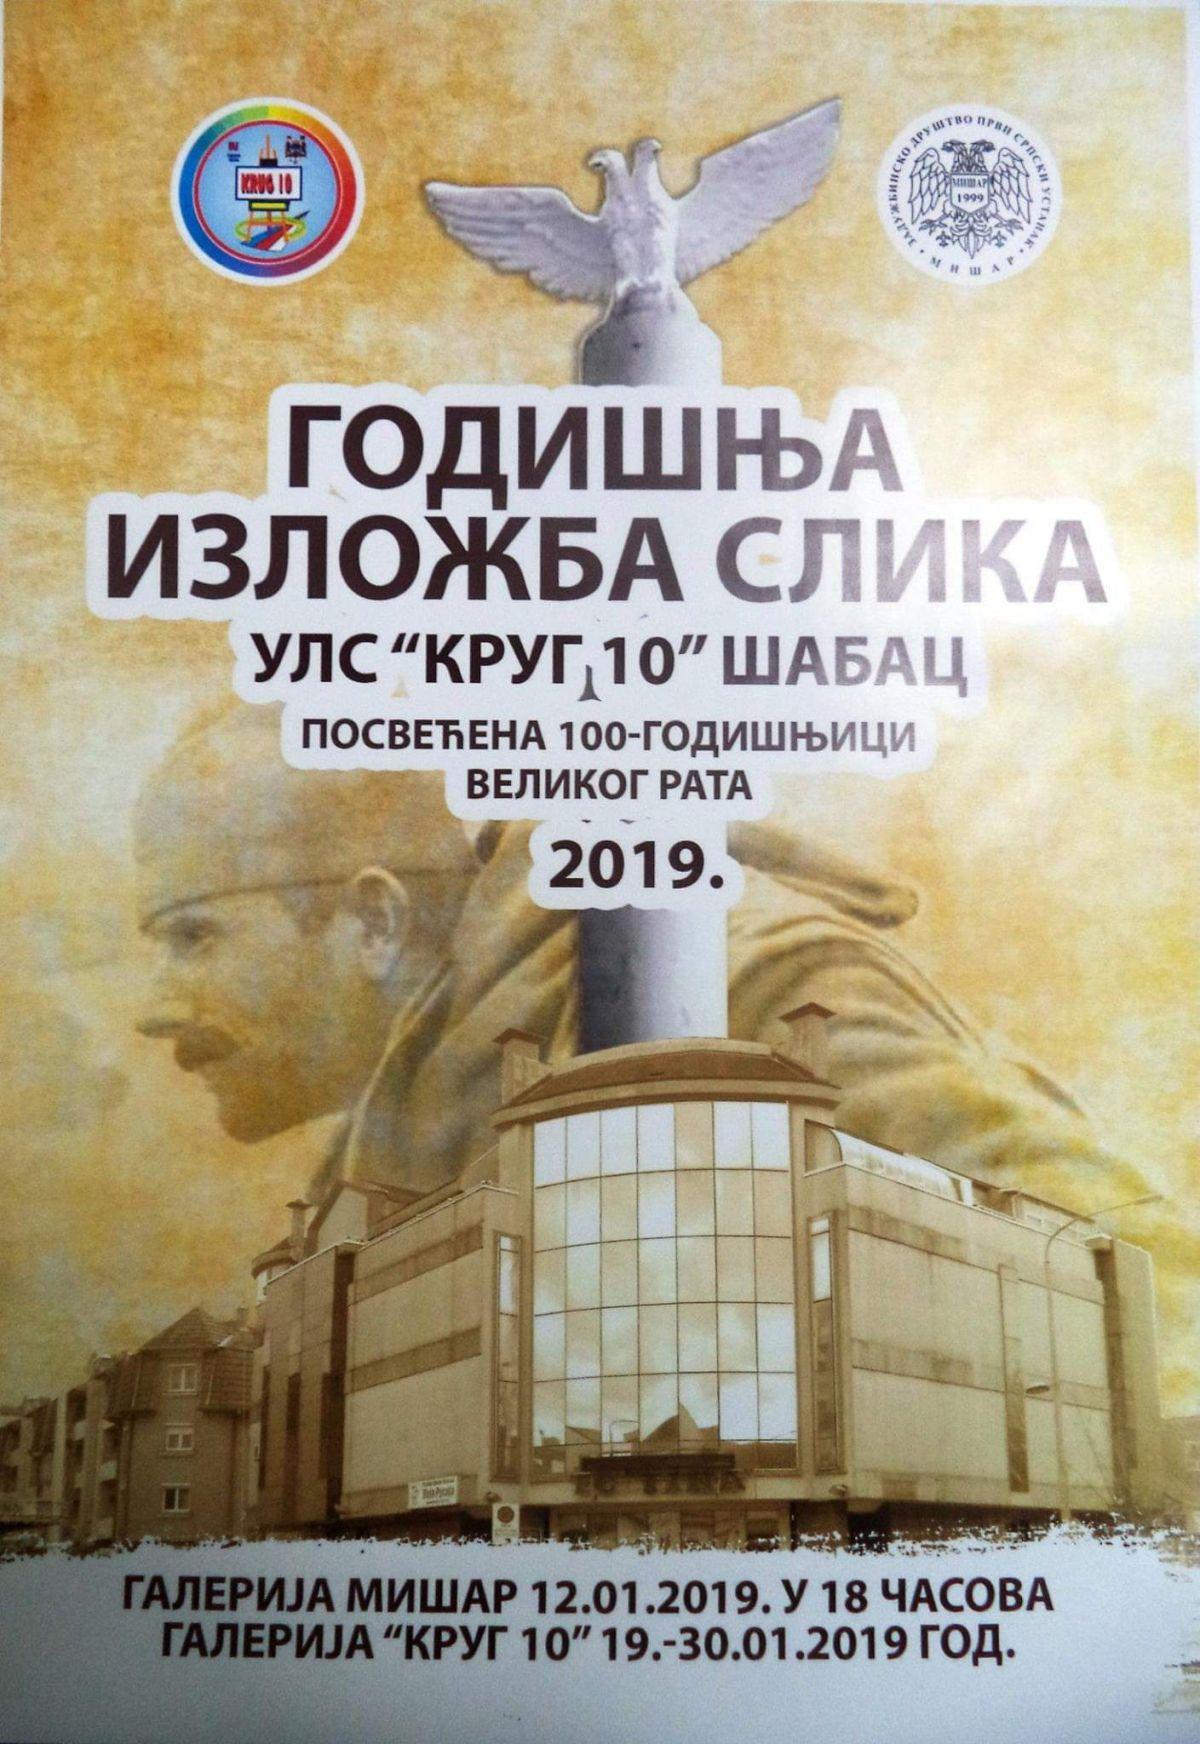 Годишња изложба